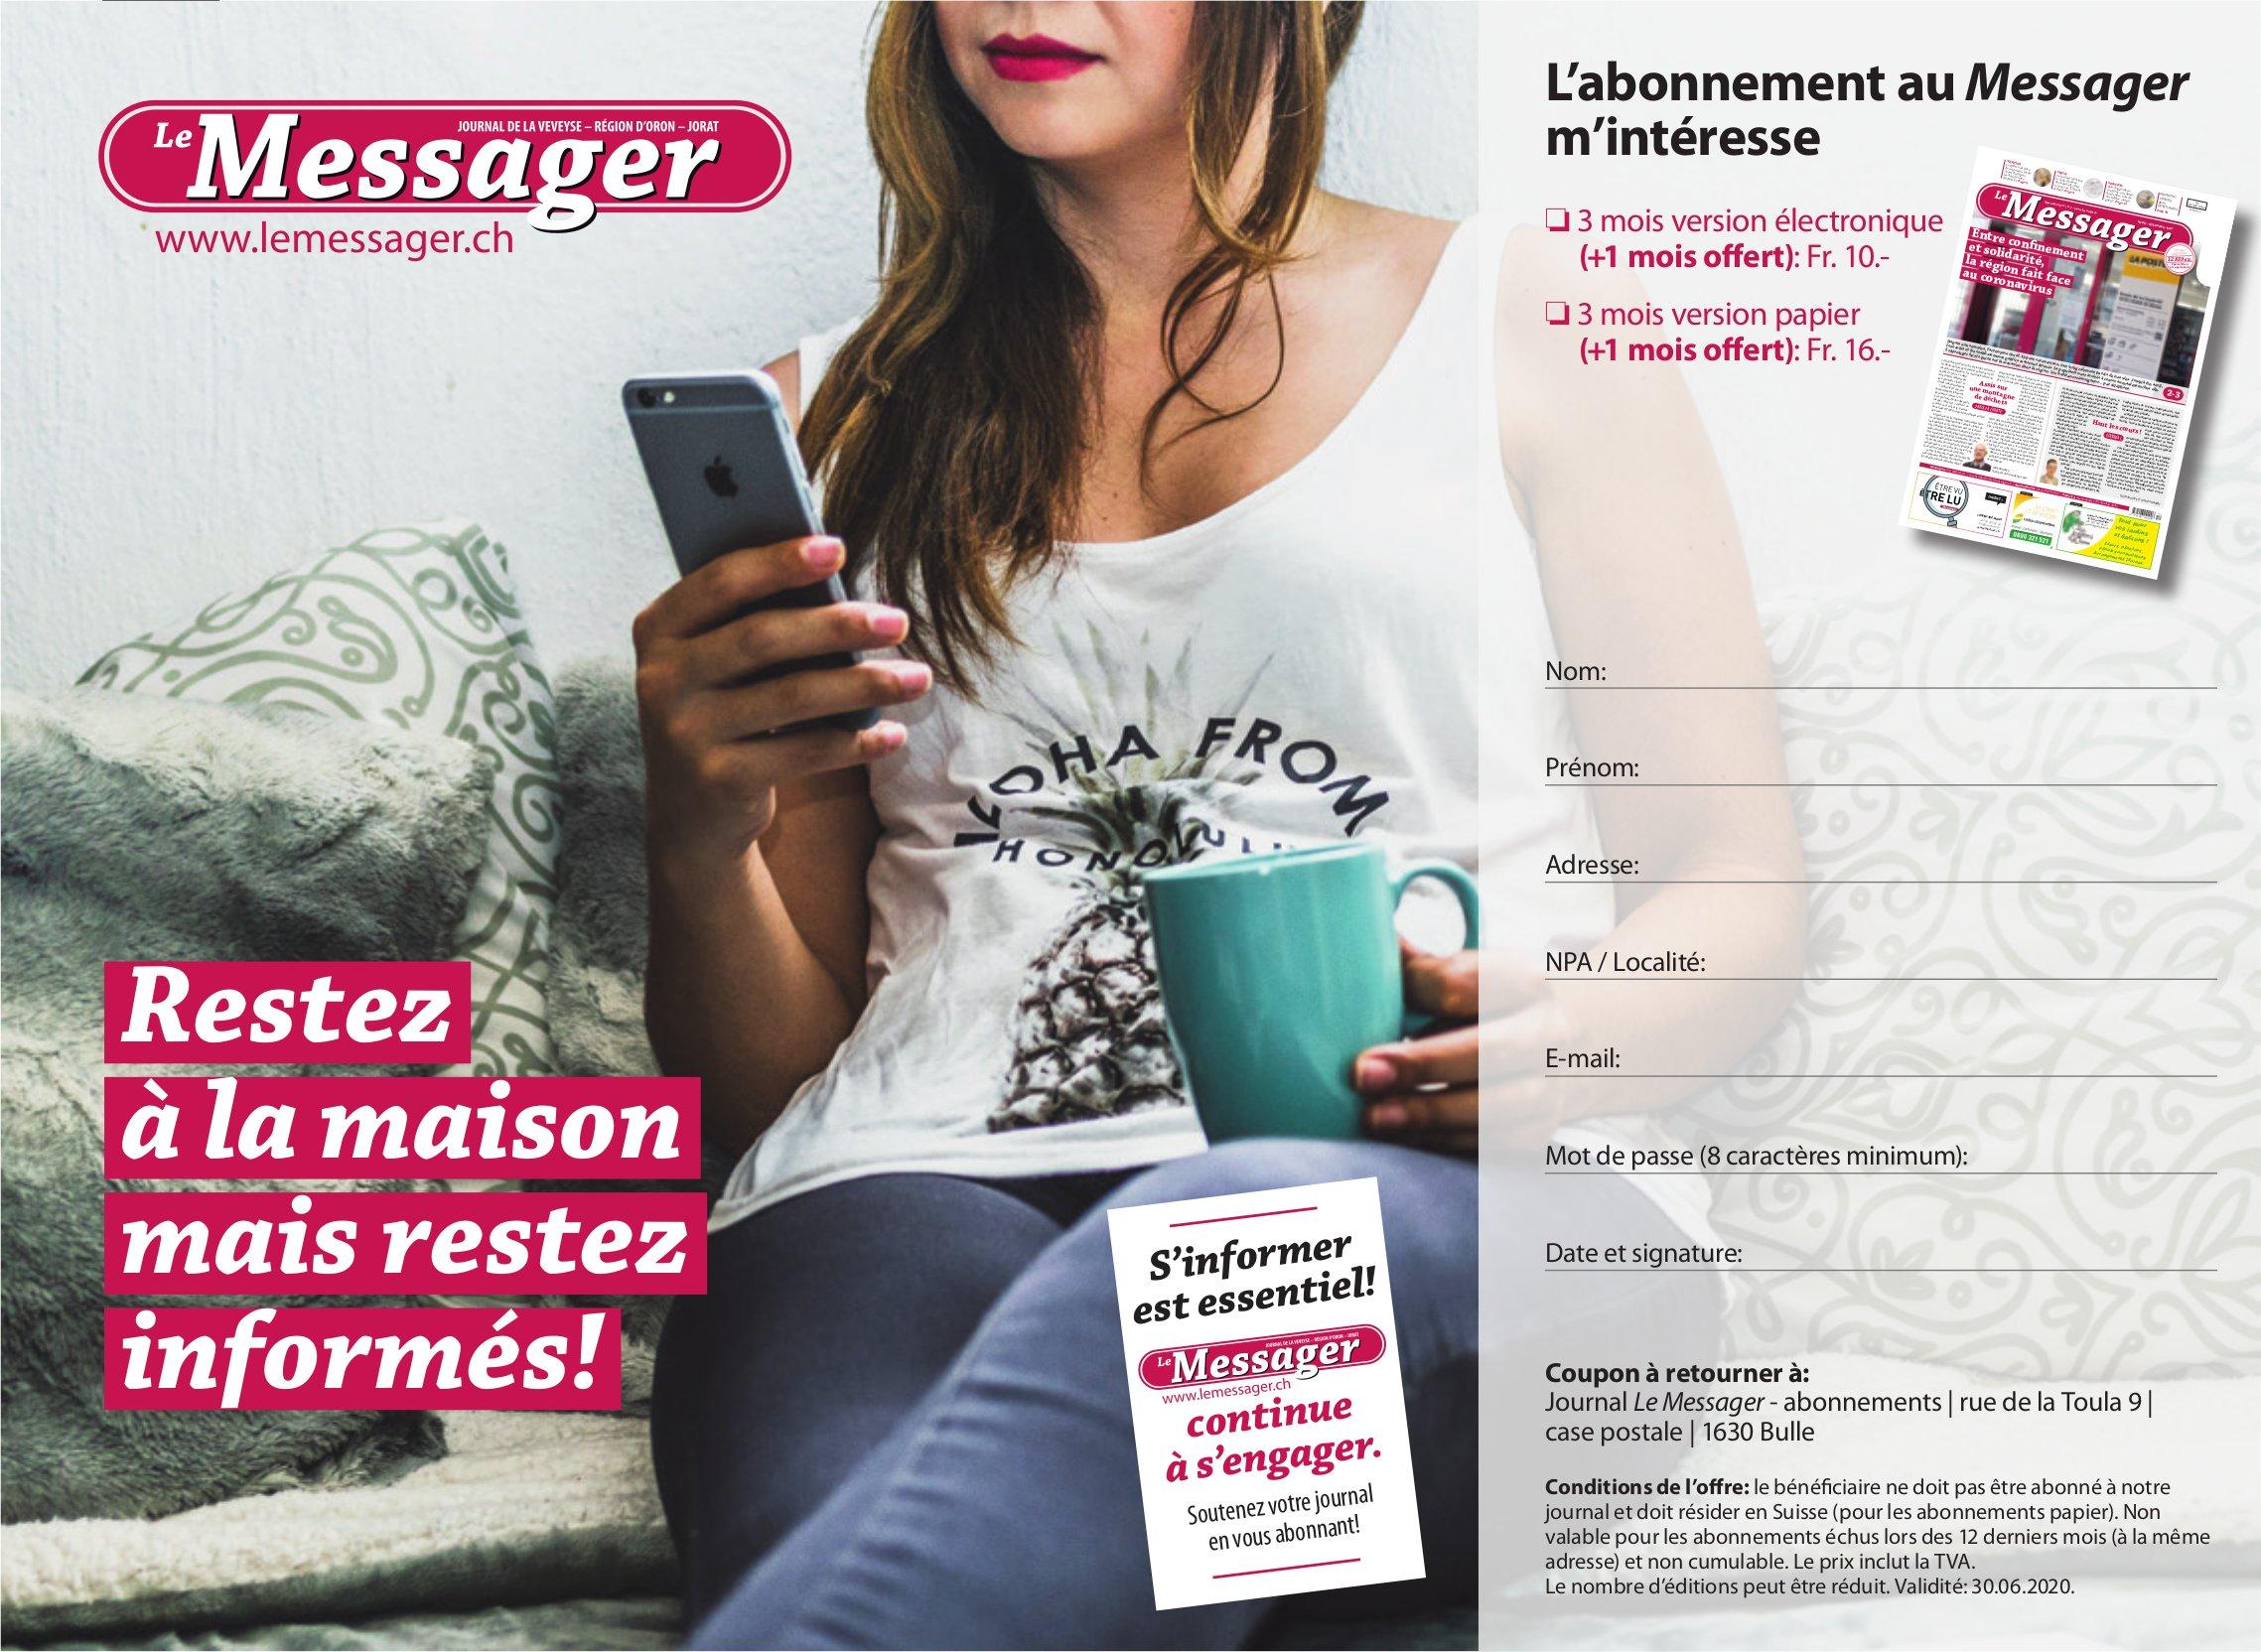 Le Messager - Restez à la maison mais restez informés!